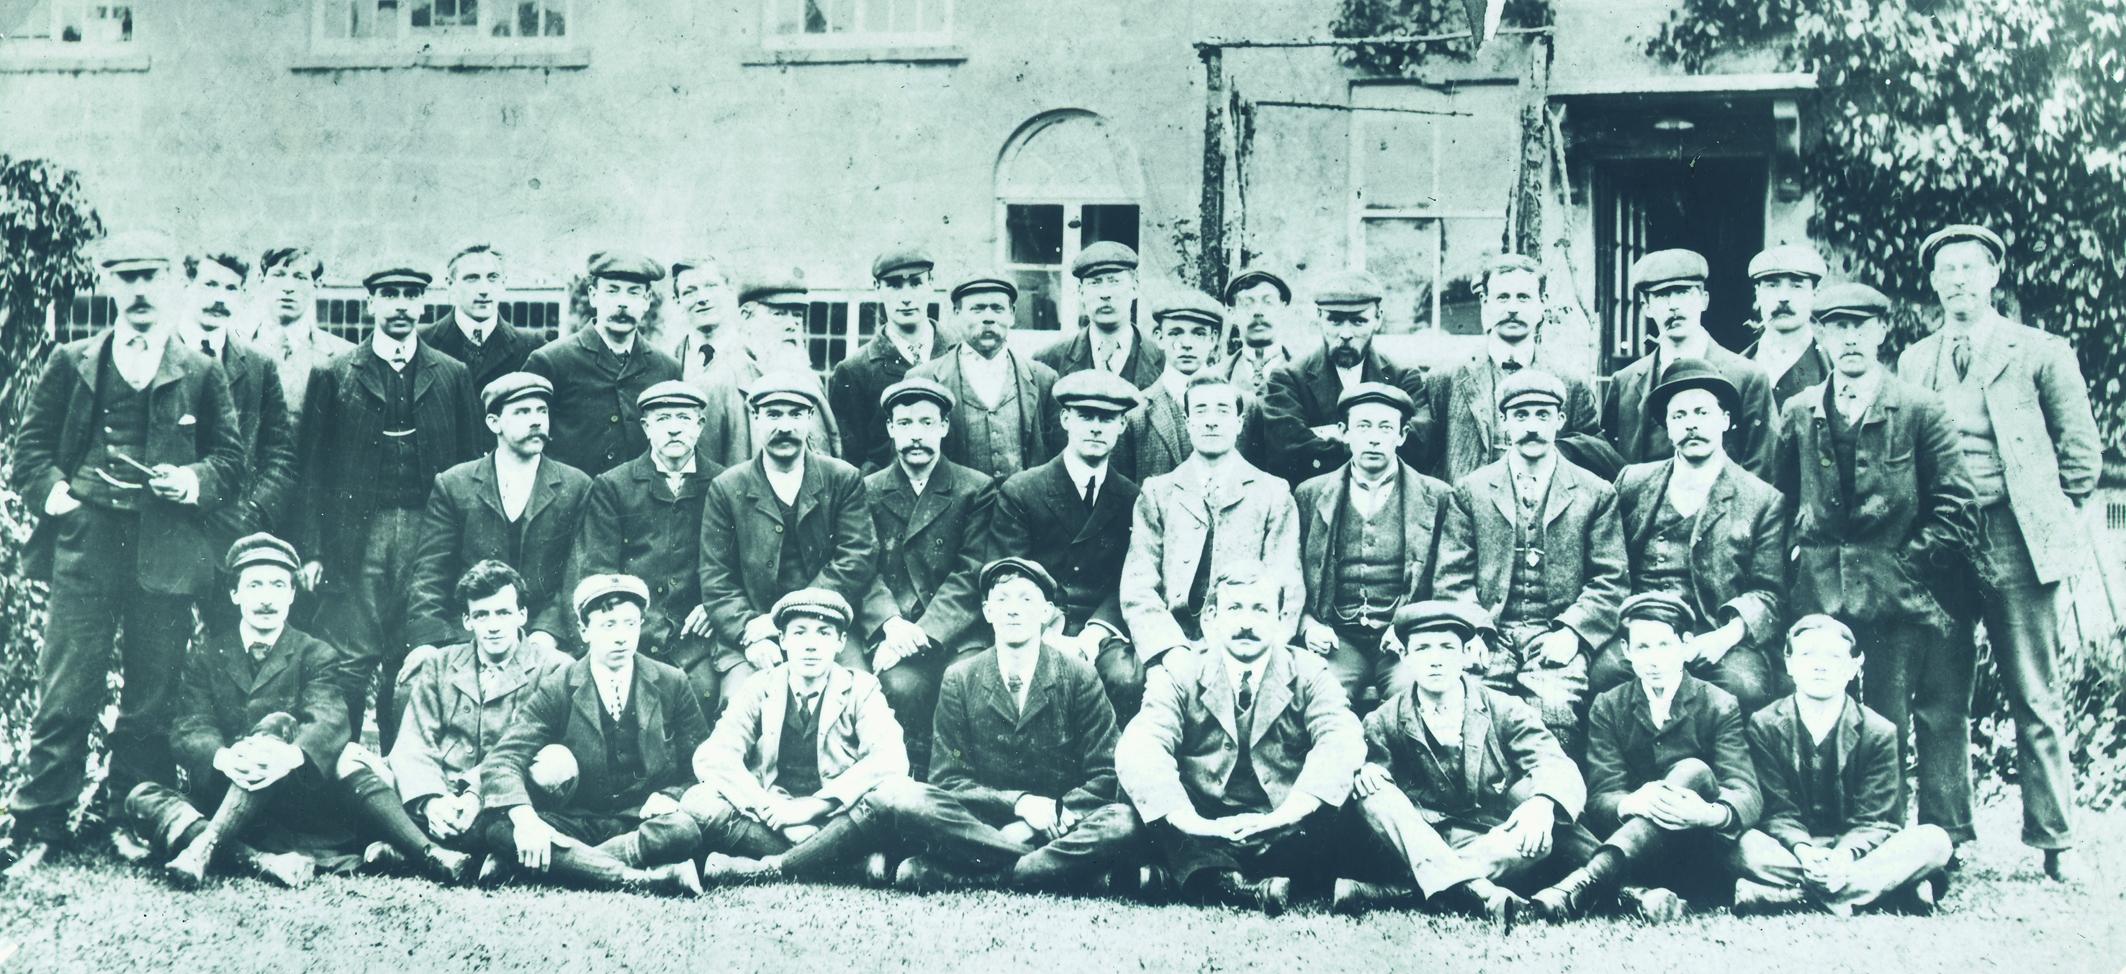 The Guild of Handicraft c 1906-7